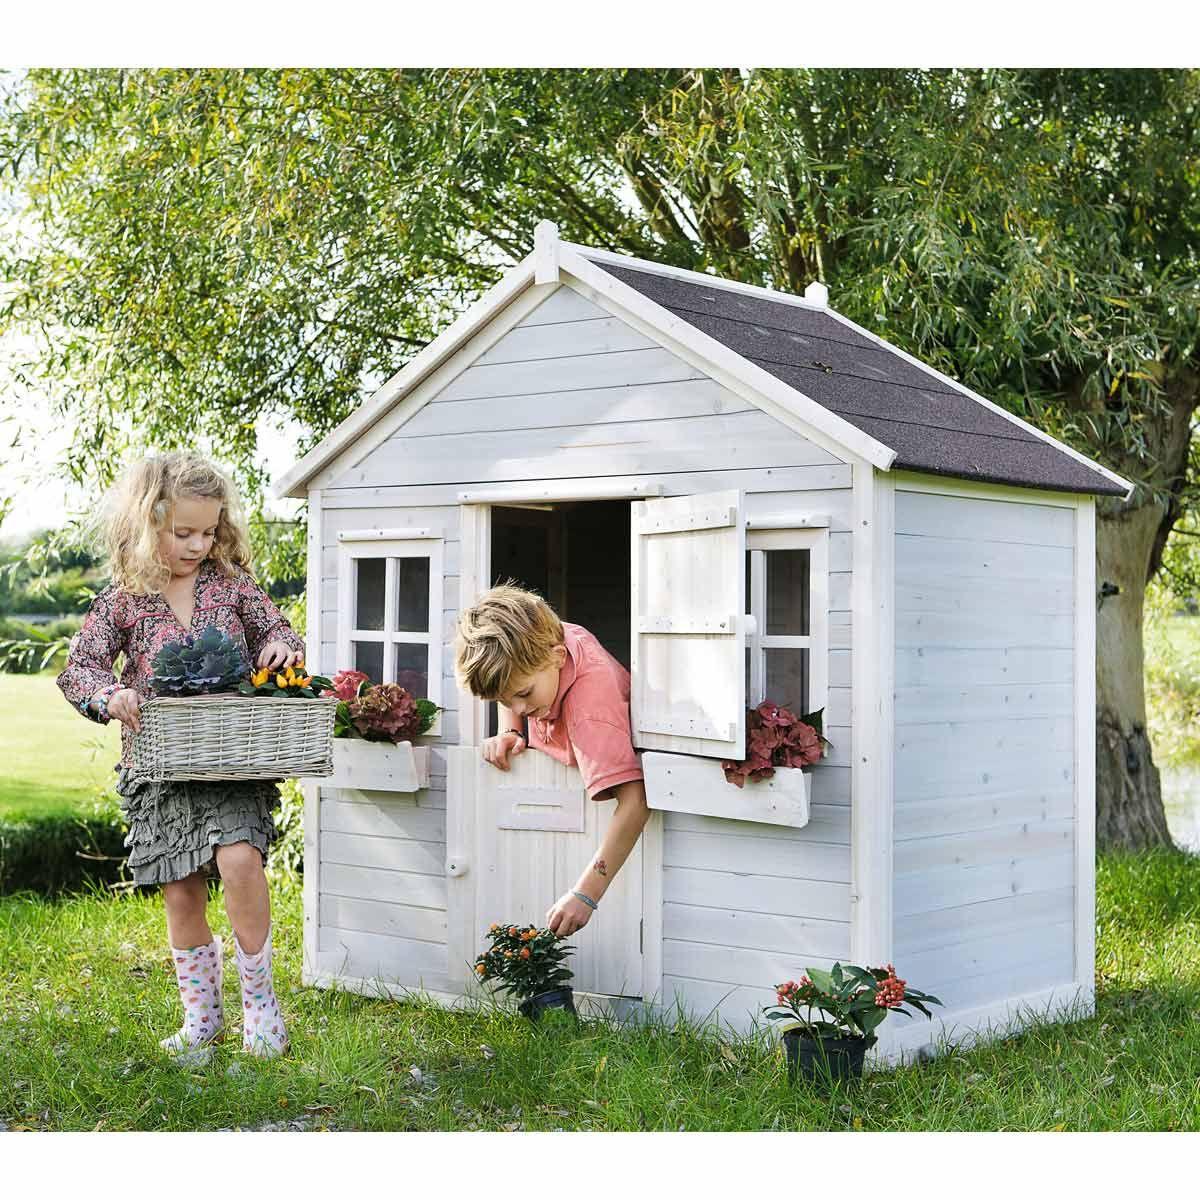 Décoration De Jardin | Cabane Jardin Enfant, Cabane Jardin ... dedans Abri Jardin Enfant